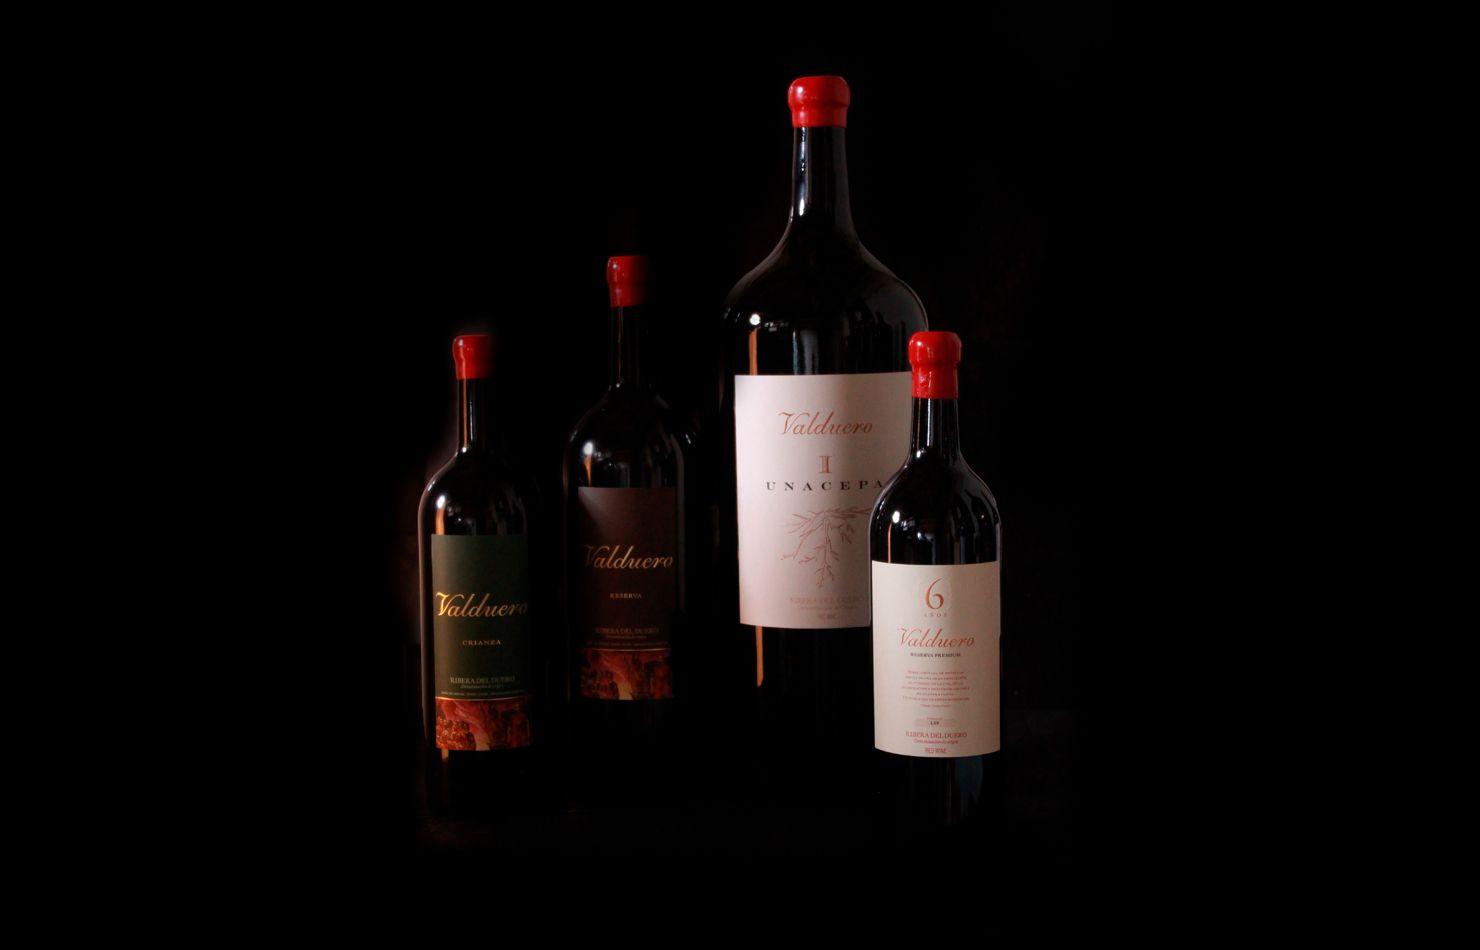 vinos valduero, Vino Ribera del Duero, VIno tinto